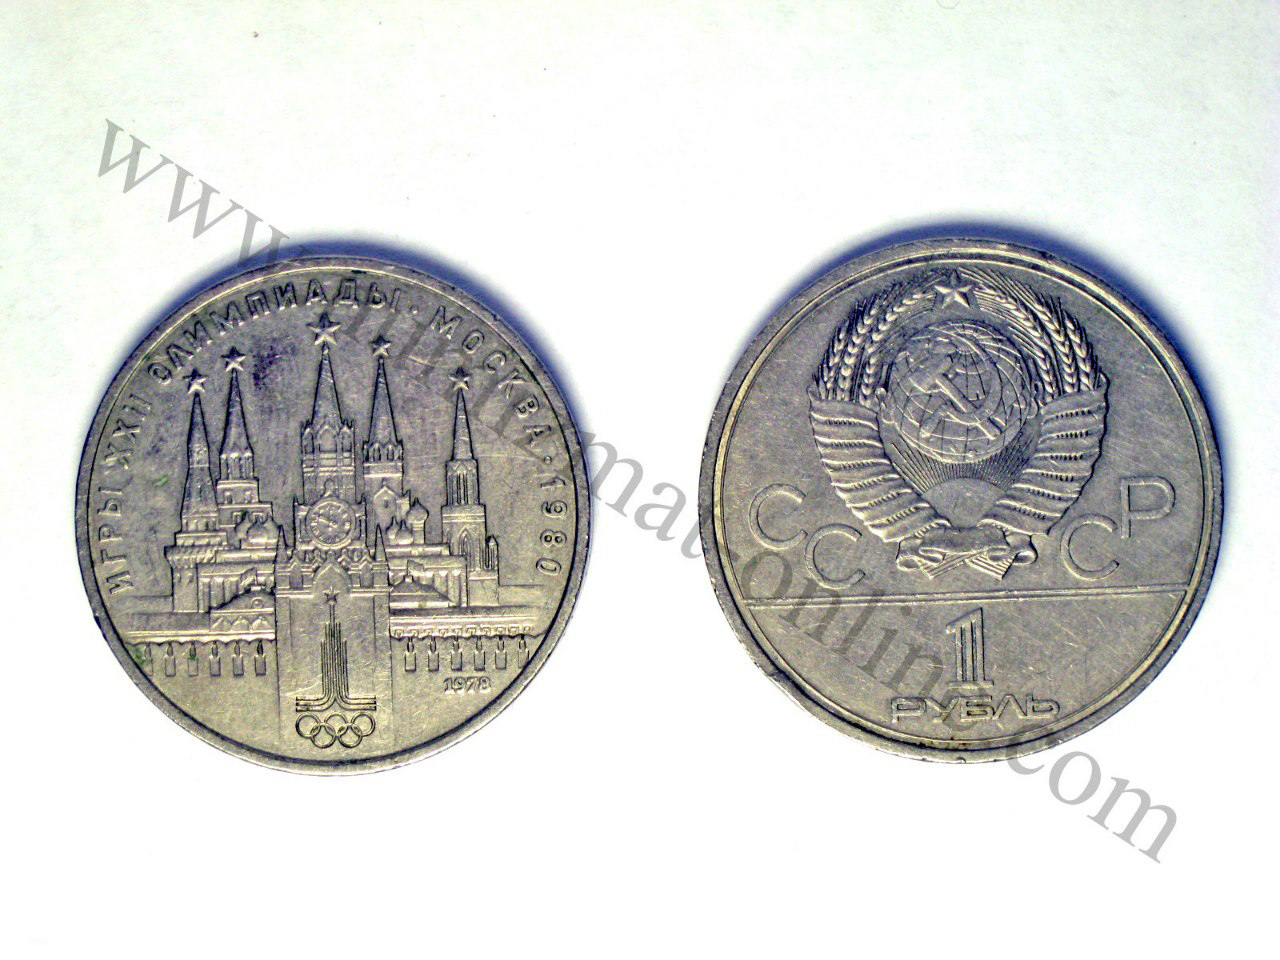 1978 (1 рубль) Московская олимпиада. Кремль